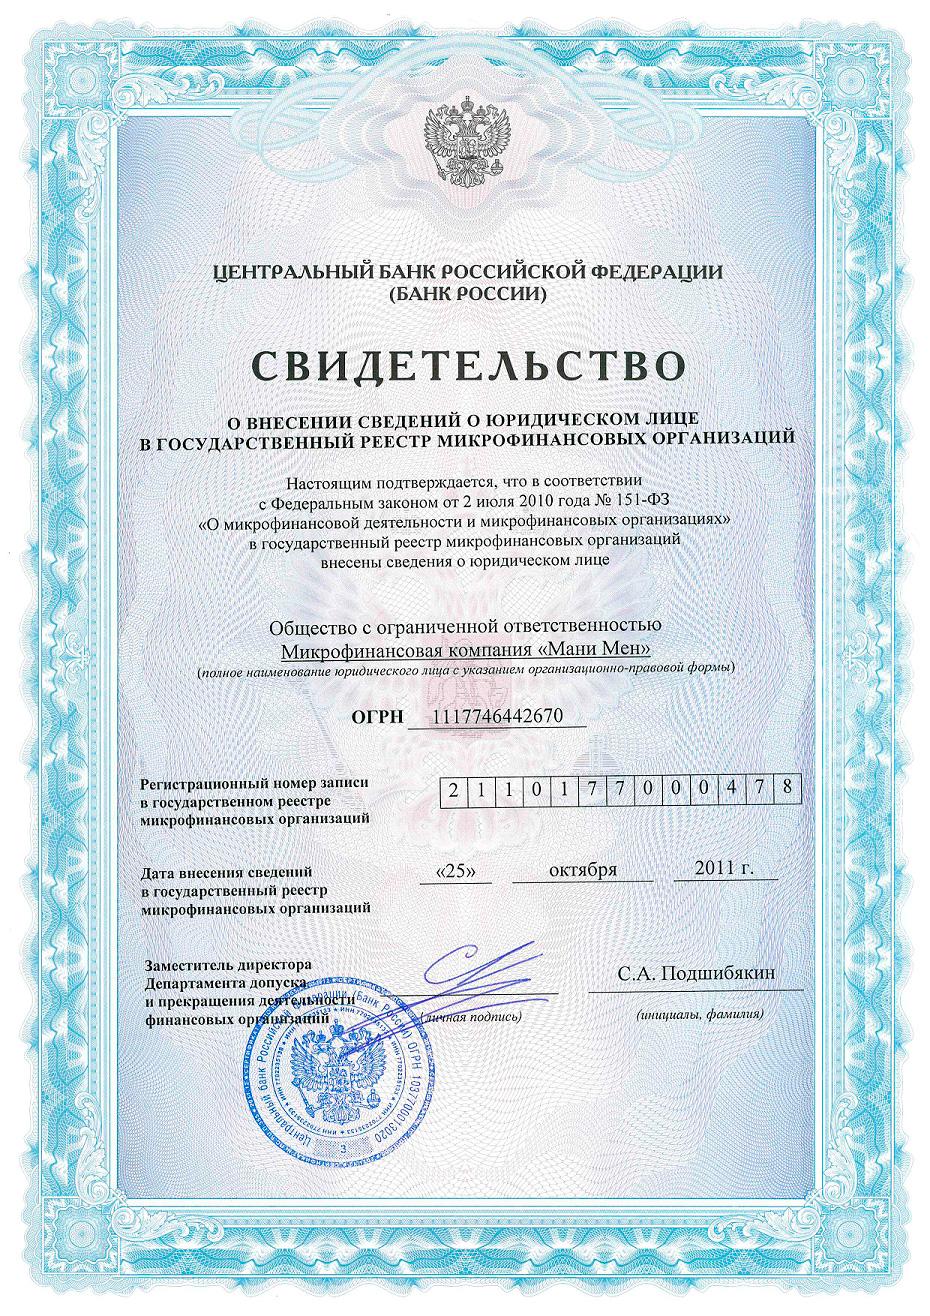 Регистрация микрофинансовой ооо кто подает декларацию формы 3 ндфл